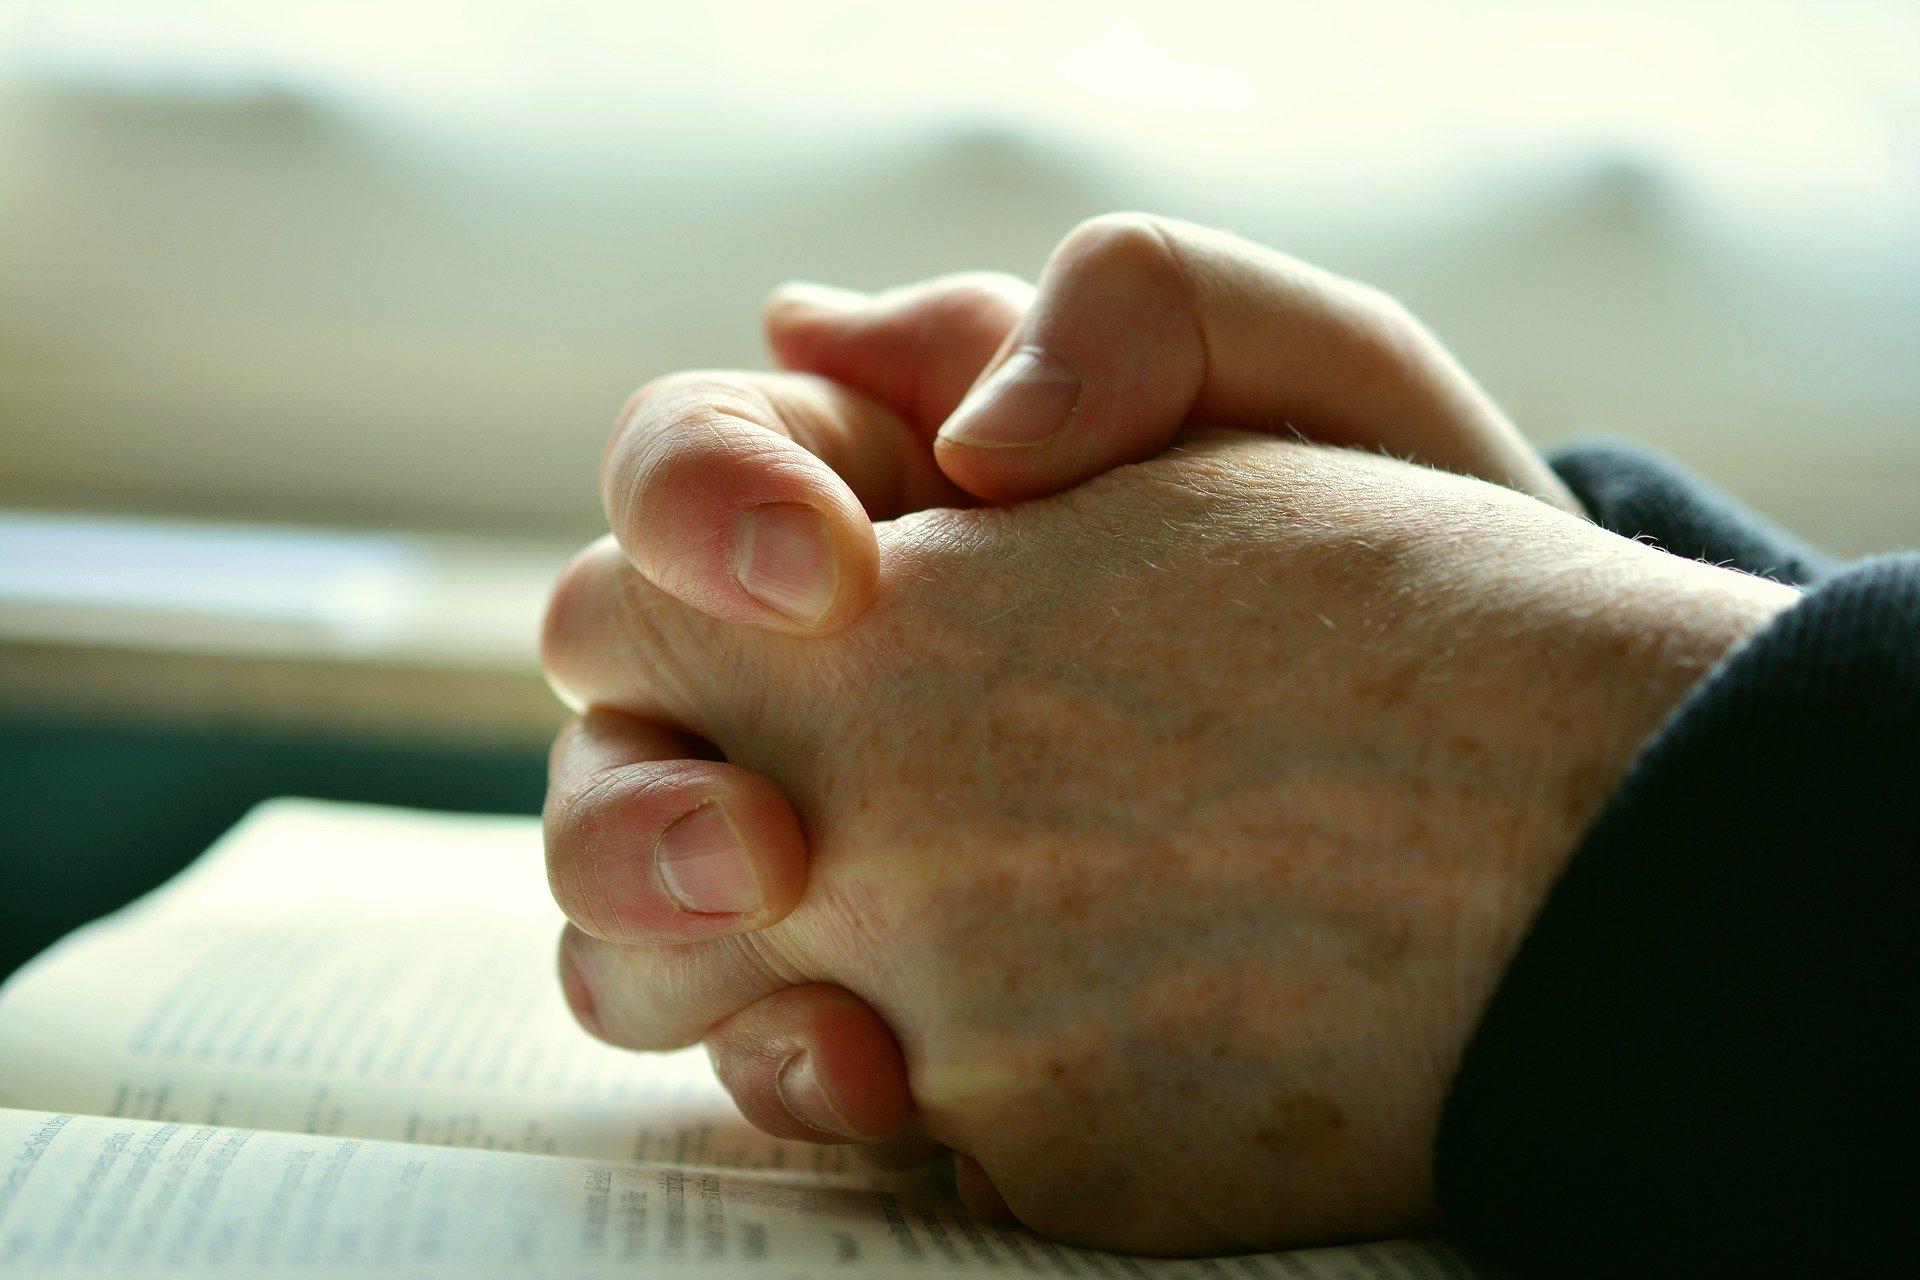 На фото изображены руки, сложенные над Библией.